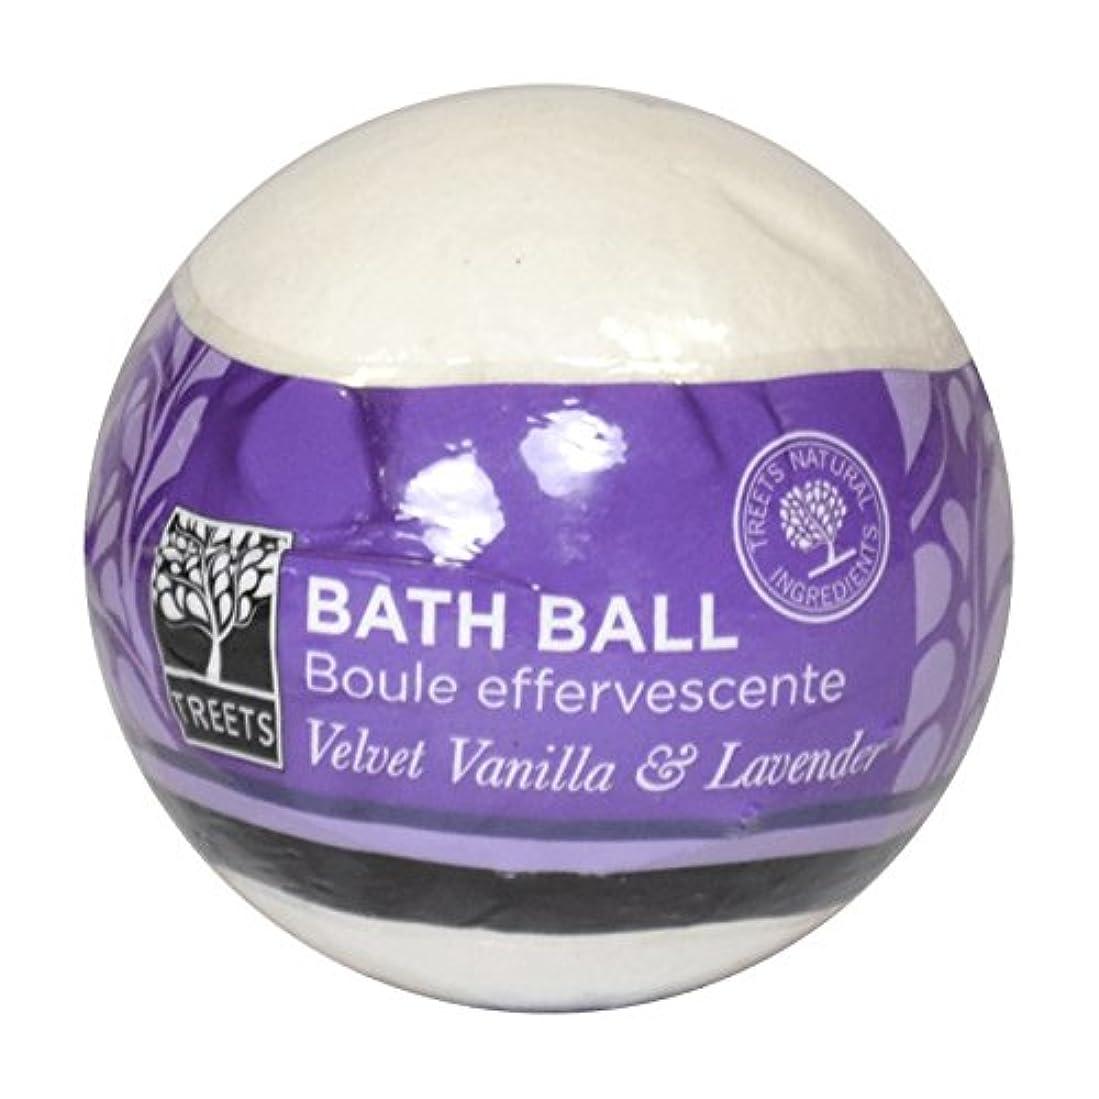 アパル再生可能優しいTreets Velvet Vanilla & Lavender Bath Ball (Pack of 6) - Treetsベルベットのバニラ&ラベンダーバスボール (x6) [並行輸入品]